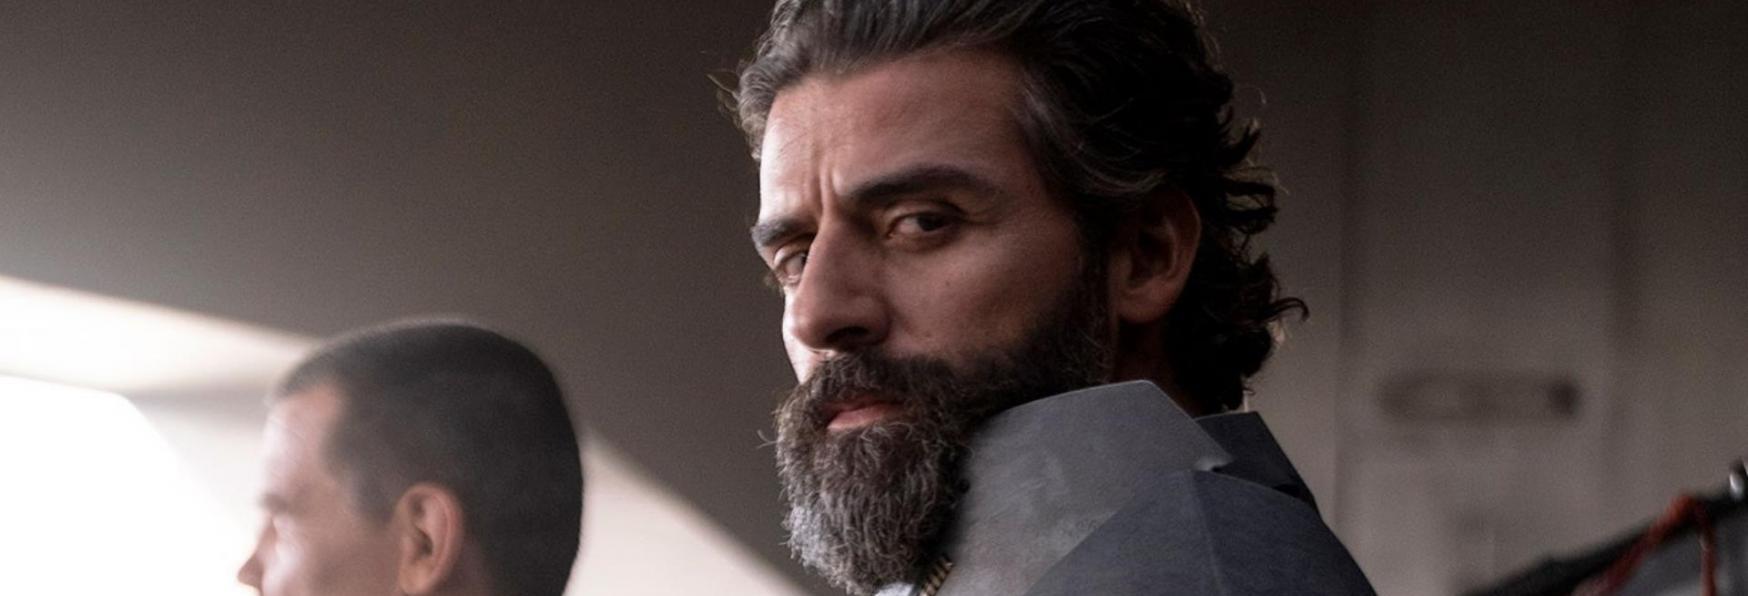 Moon Knight: Oscar Isaac protagonista di un nuovo Video dal Set della Serie TV Marvel